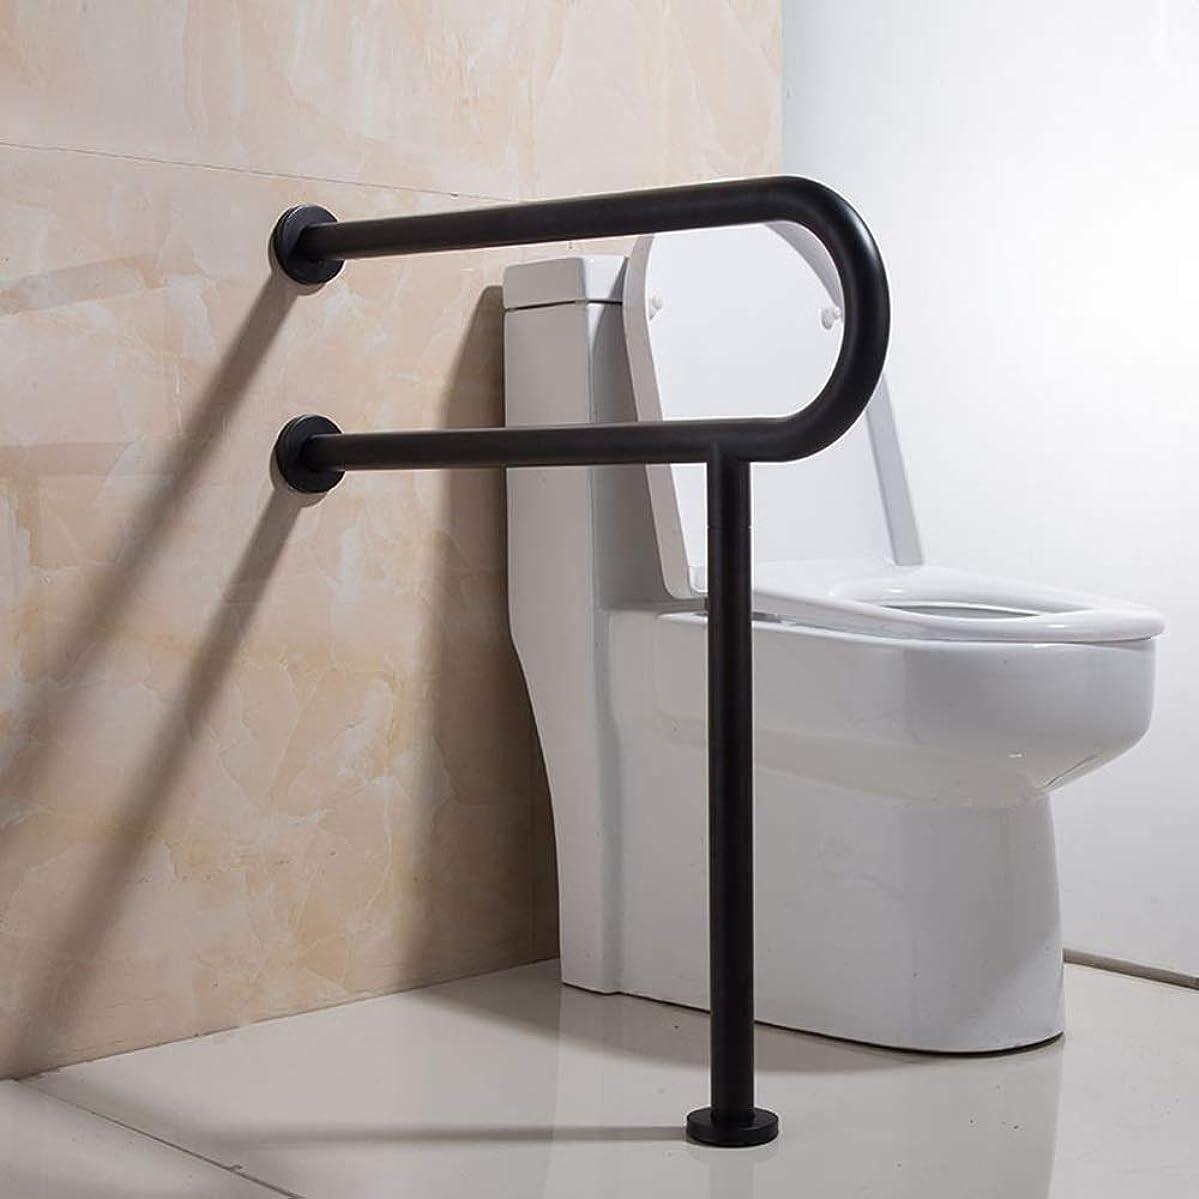 祈るうなるタックバスルームアームレスト-ブラックU字型304ステンレス鋼バリアフリーバスルーム手すり、高齢者用安全滑り止めトイレ/バスタブ手すり、さび止めなし、600 * 750mm